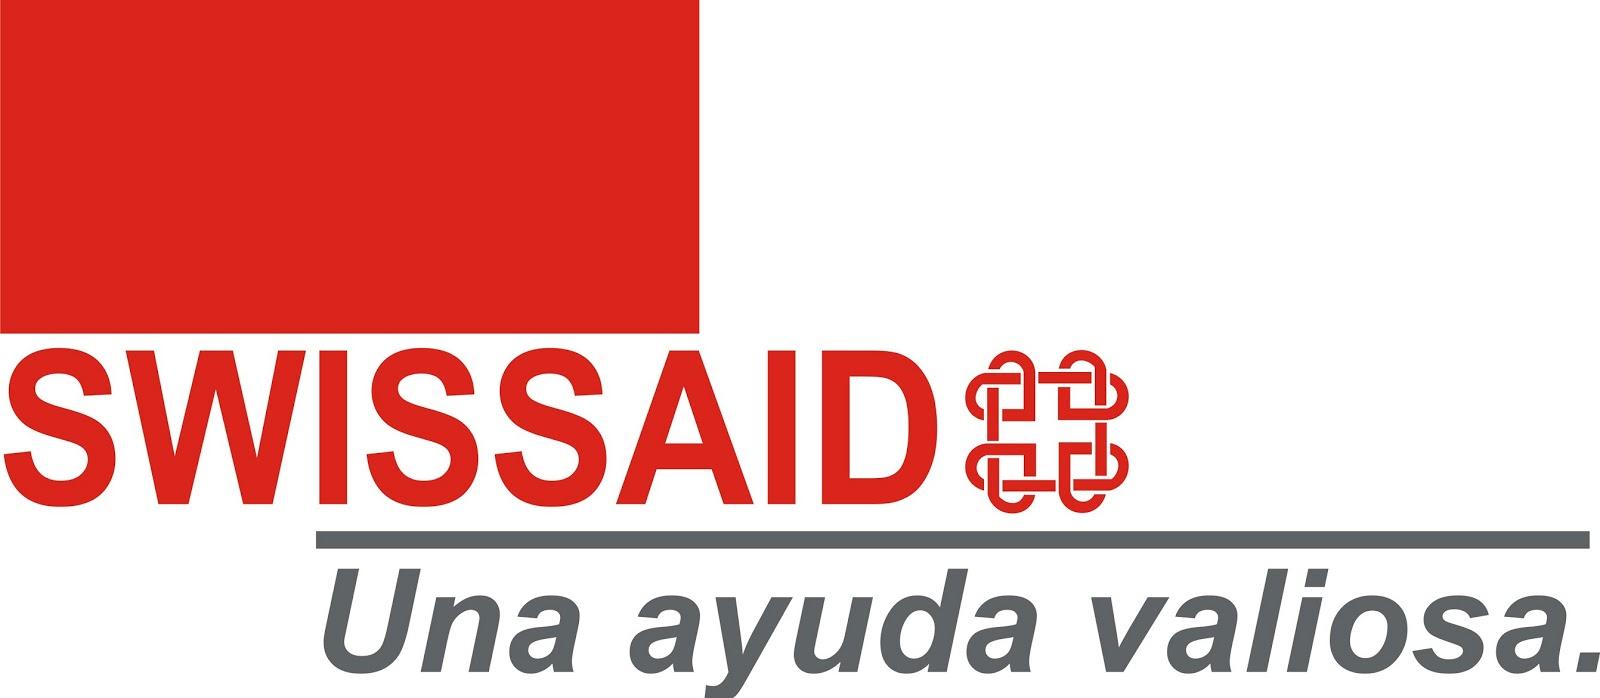 gráfica alusiva a Fundación Swissaid